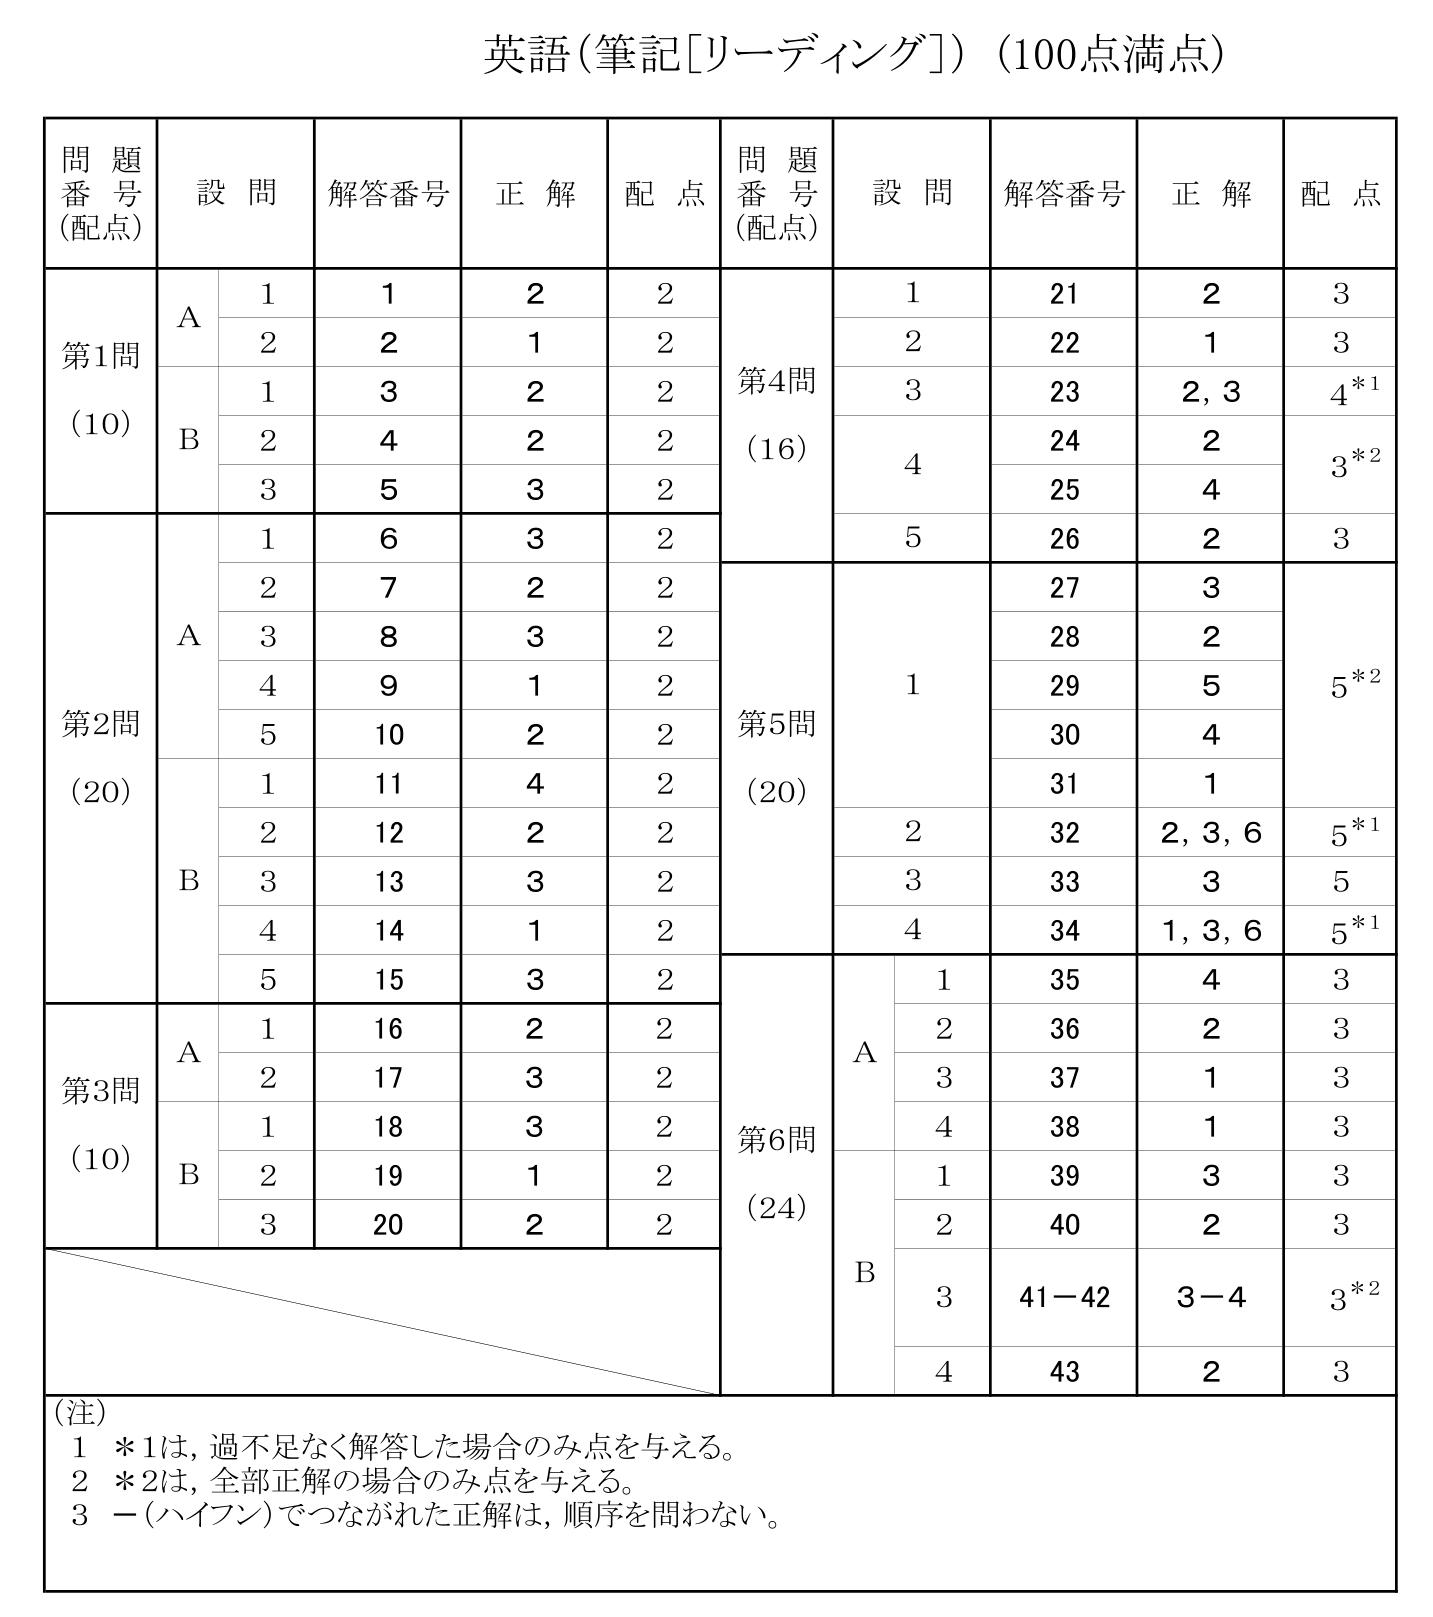 共通テスト英語 試行テストH30(2018年)の解答および配点